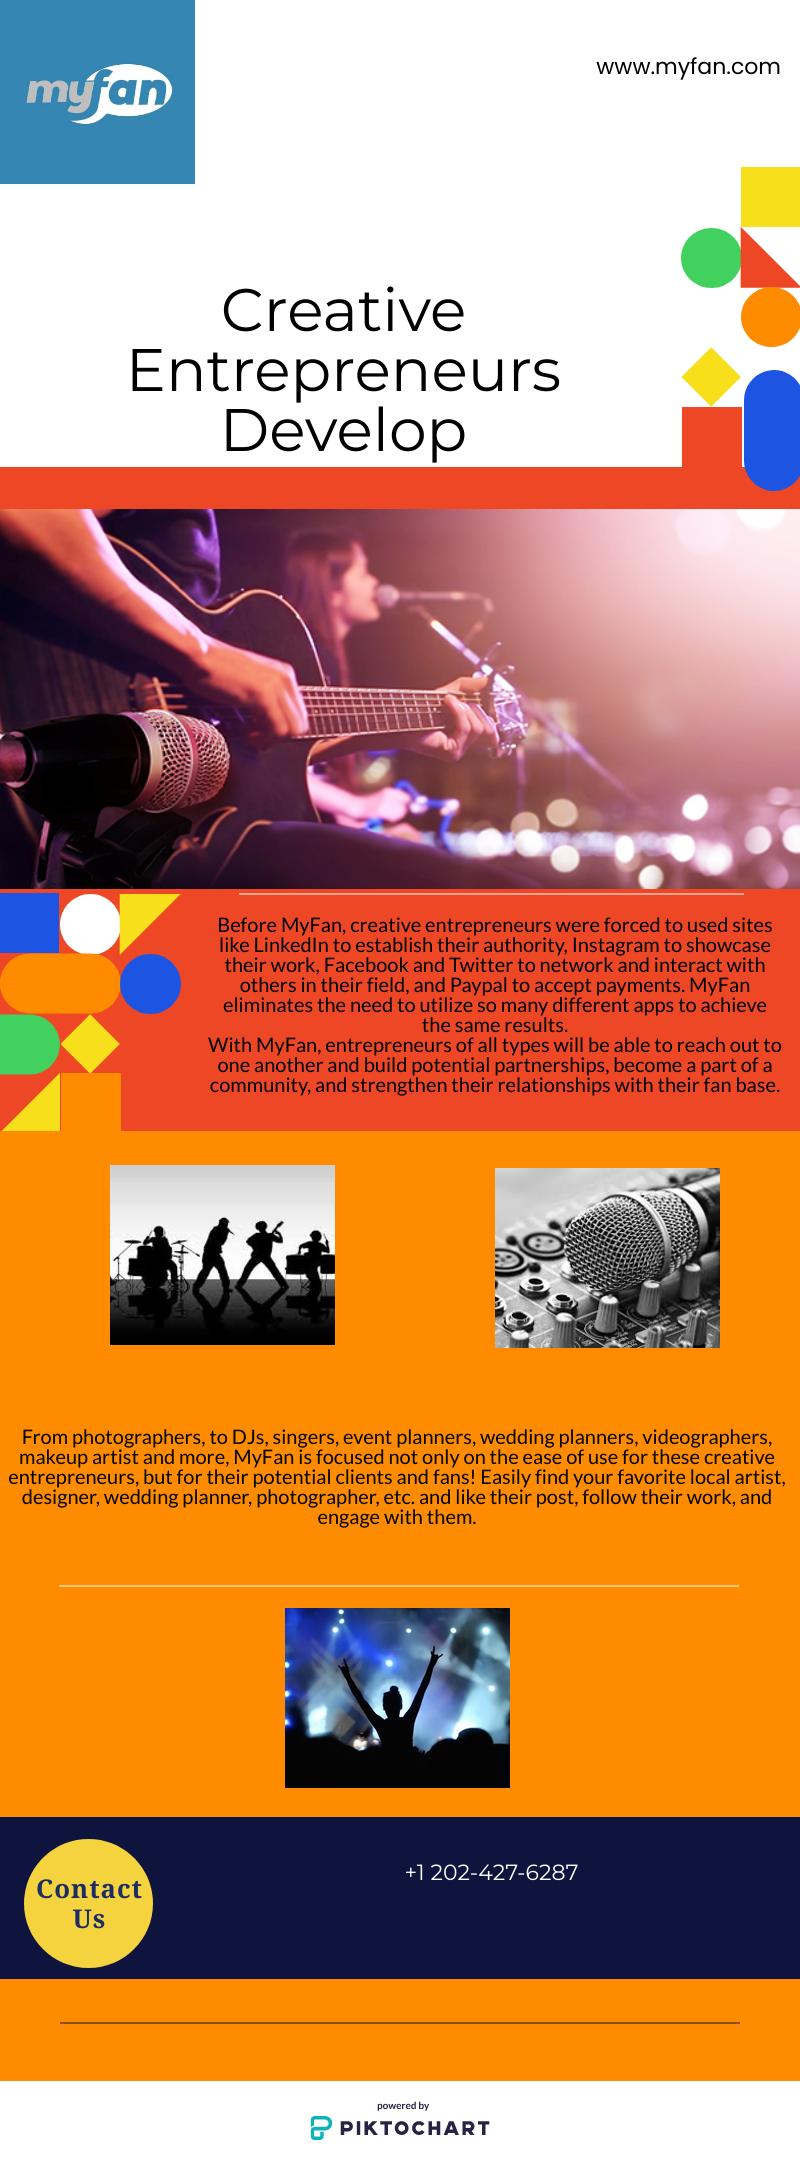 Best Music Industry Business – Myfan